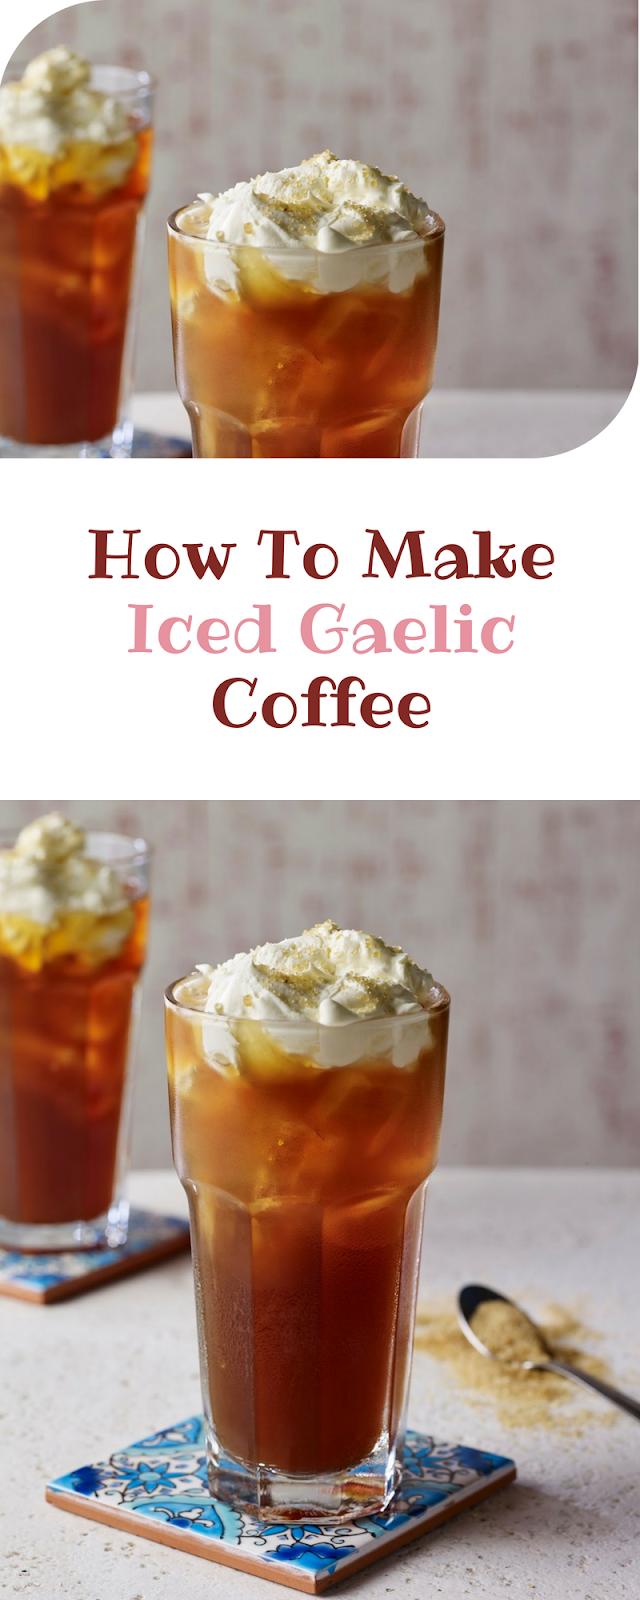 How To Make Iced Gaelic Coffee